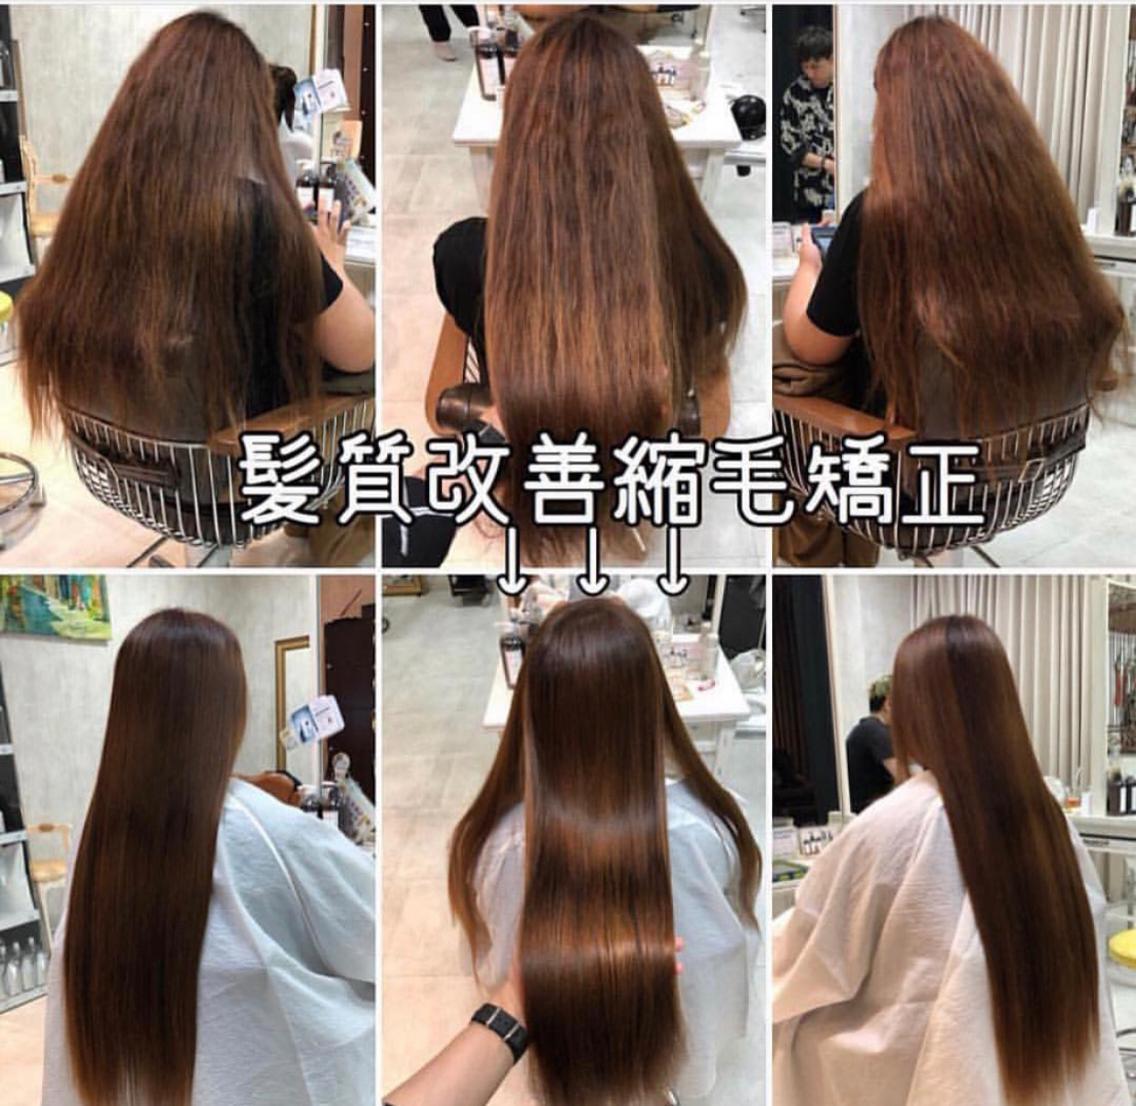 【表参道駅から徒歩3分⭐️】高級トリートメントを使用した極上の縮毛矯正❤️&美髪カラー